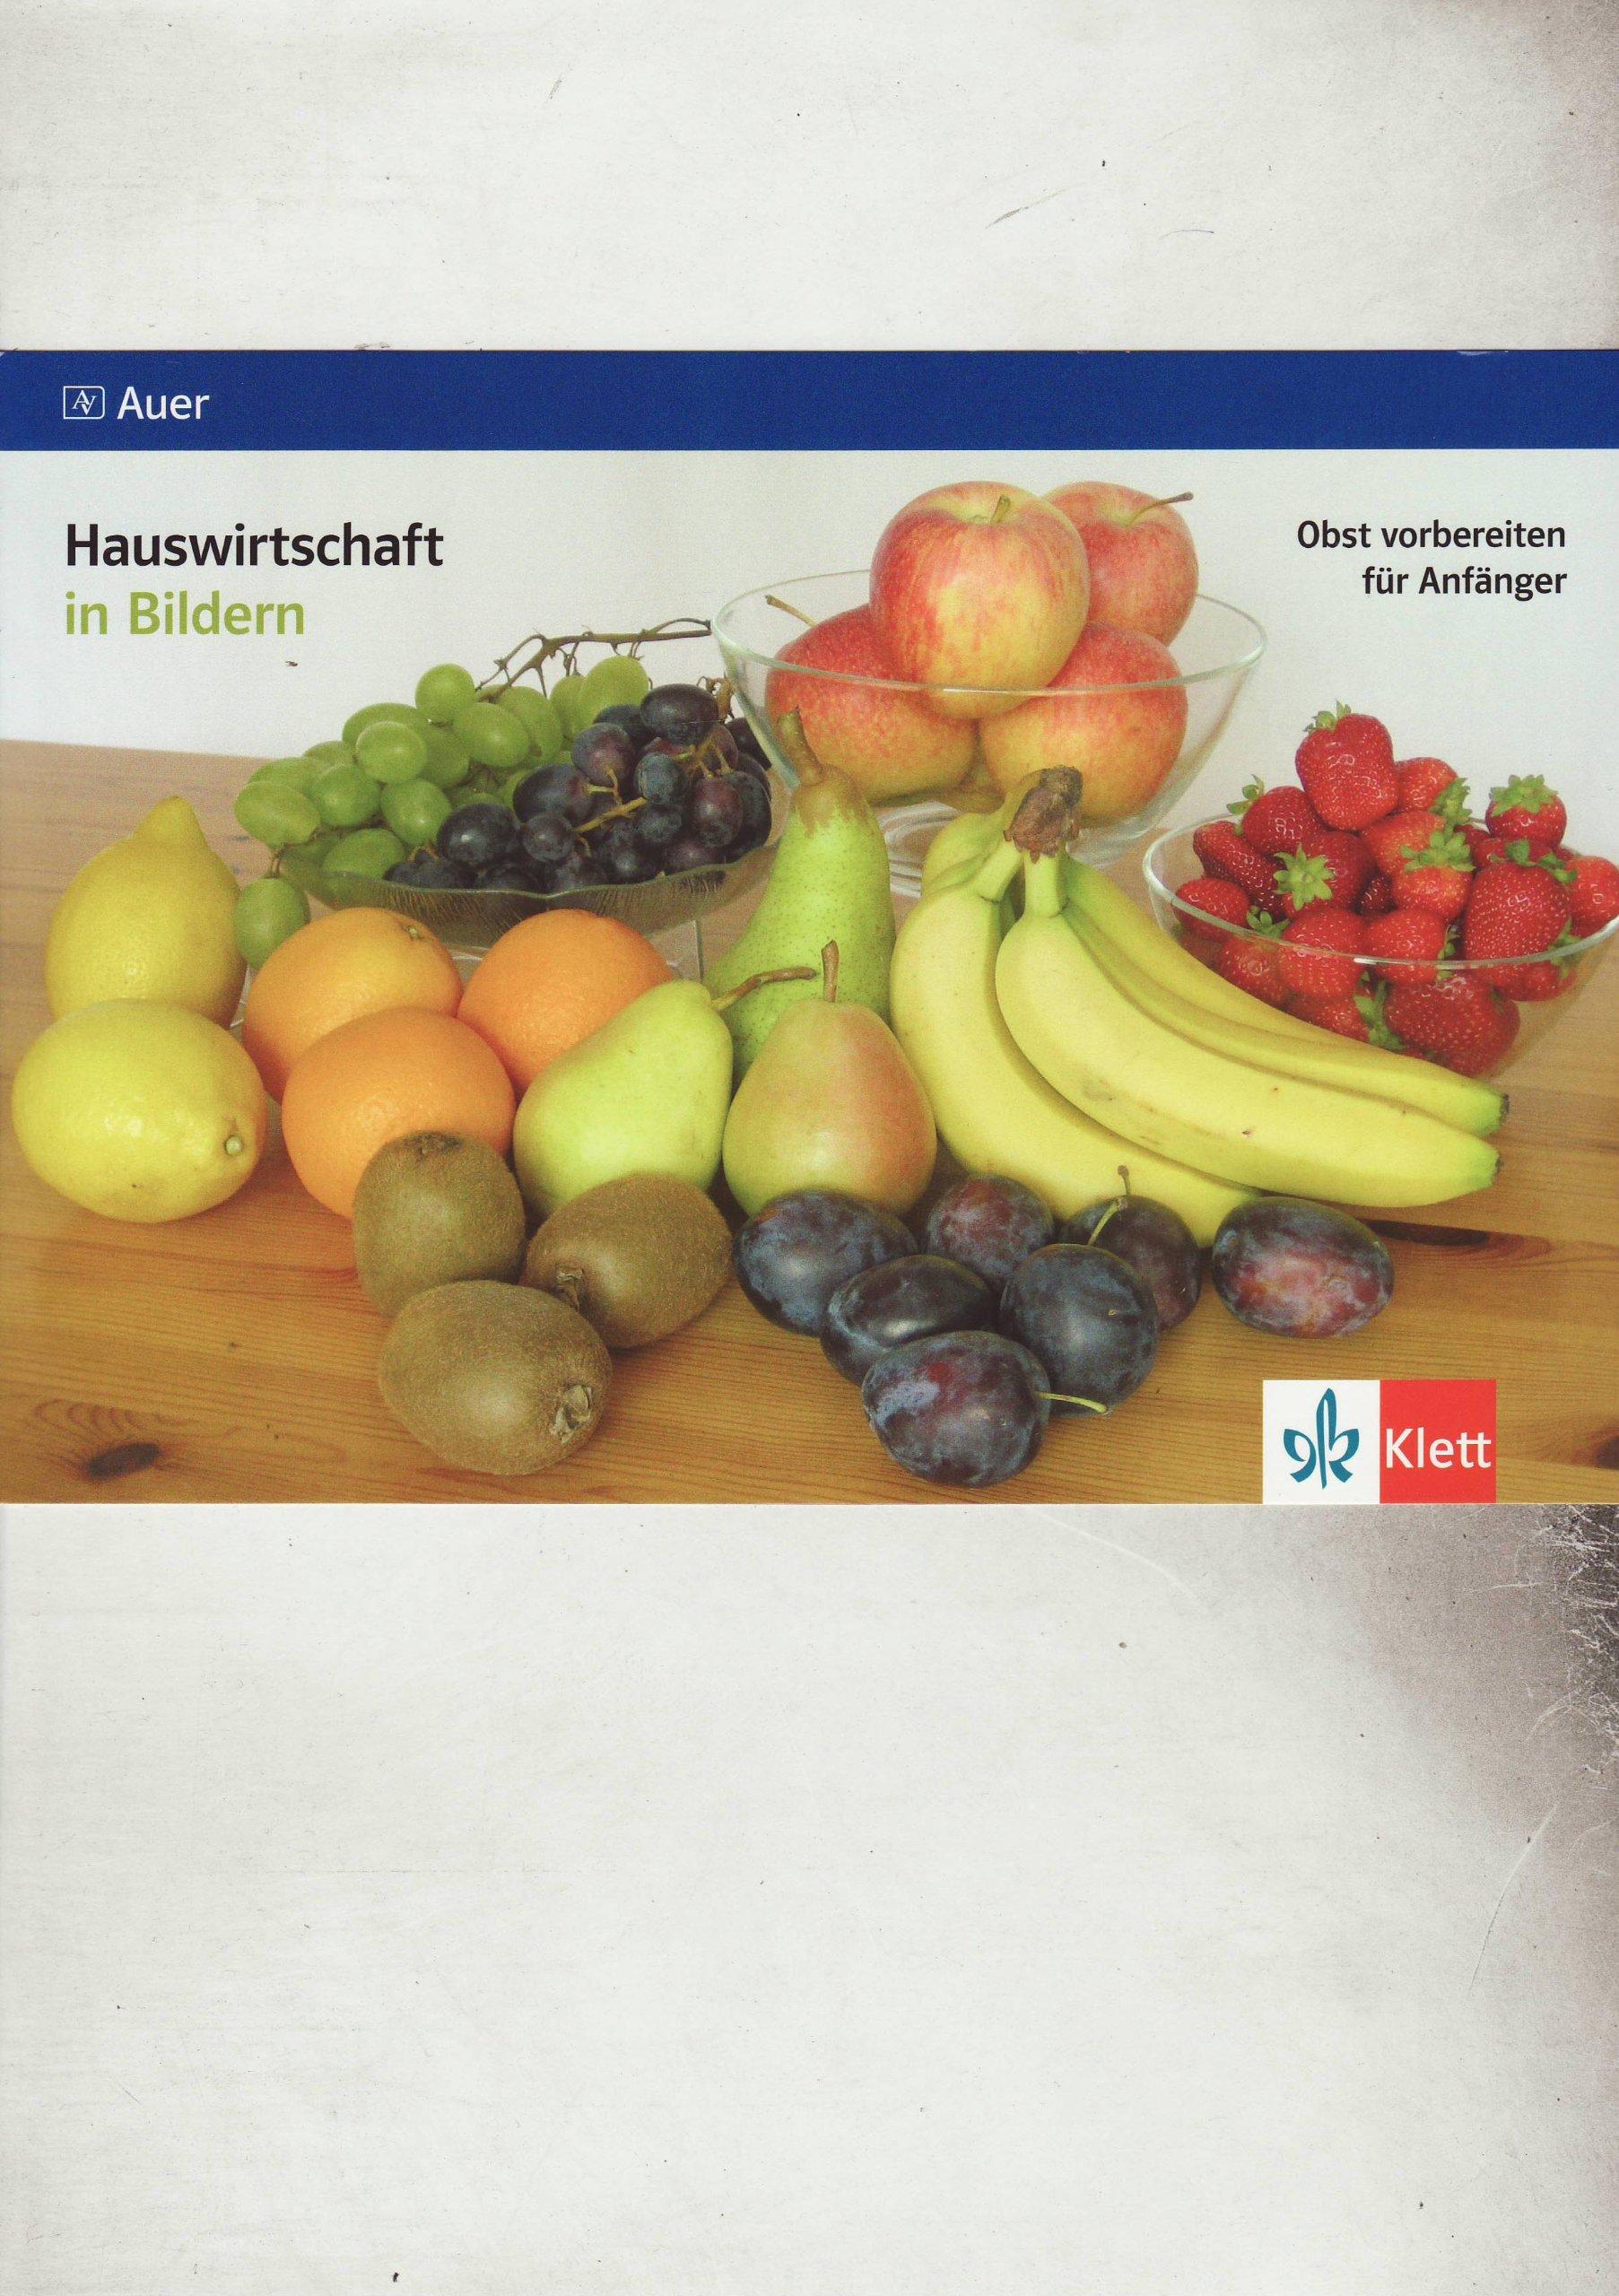 Obst vorbereiten für Anfänger: Kartei Klasse 7-10 (Hauswirtschaft in Bildern)